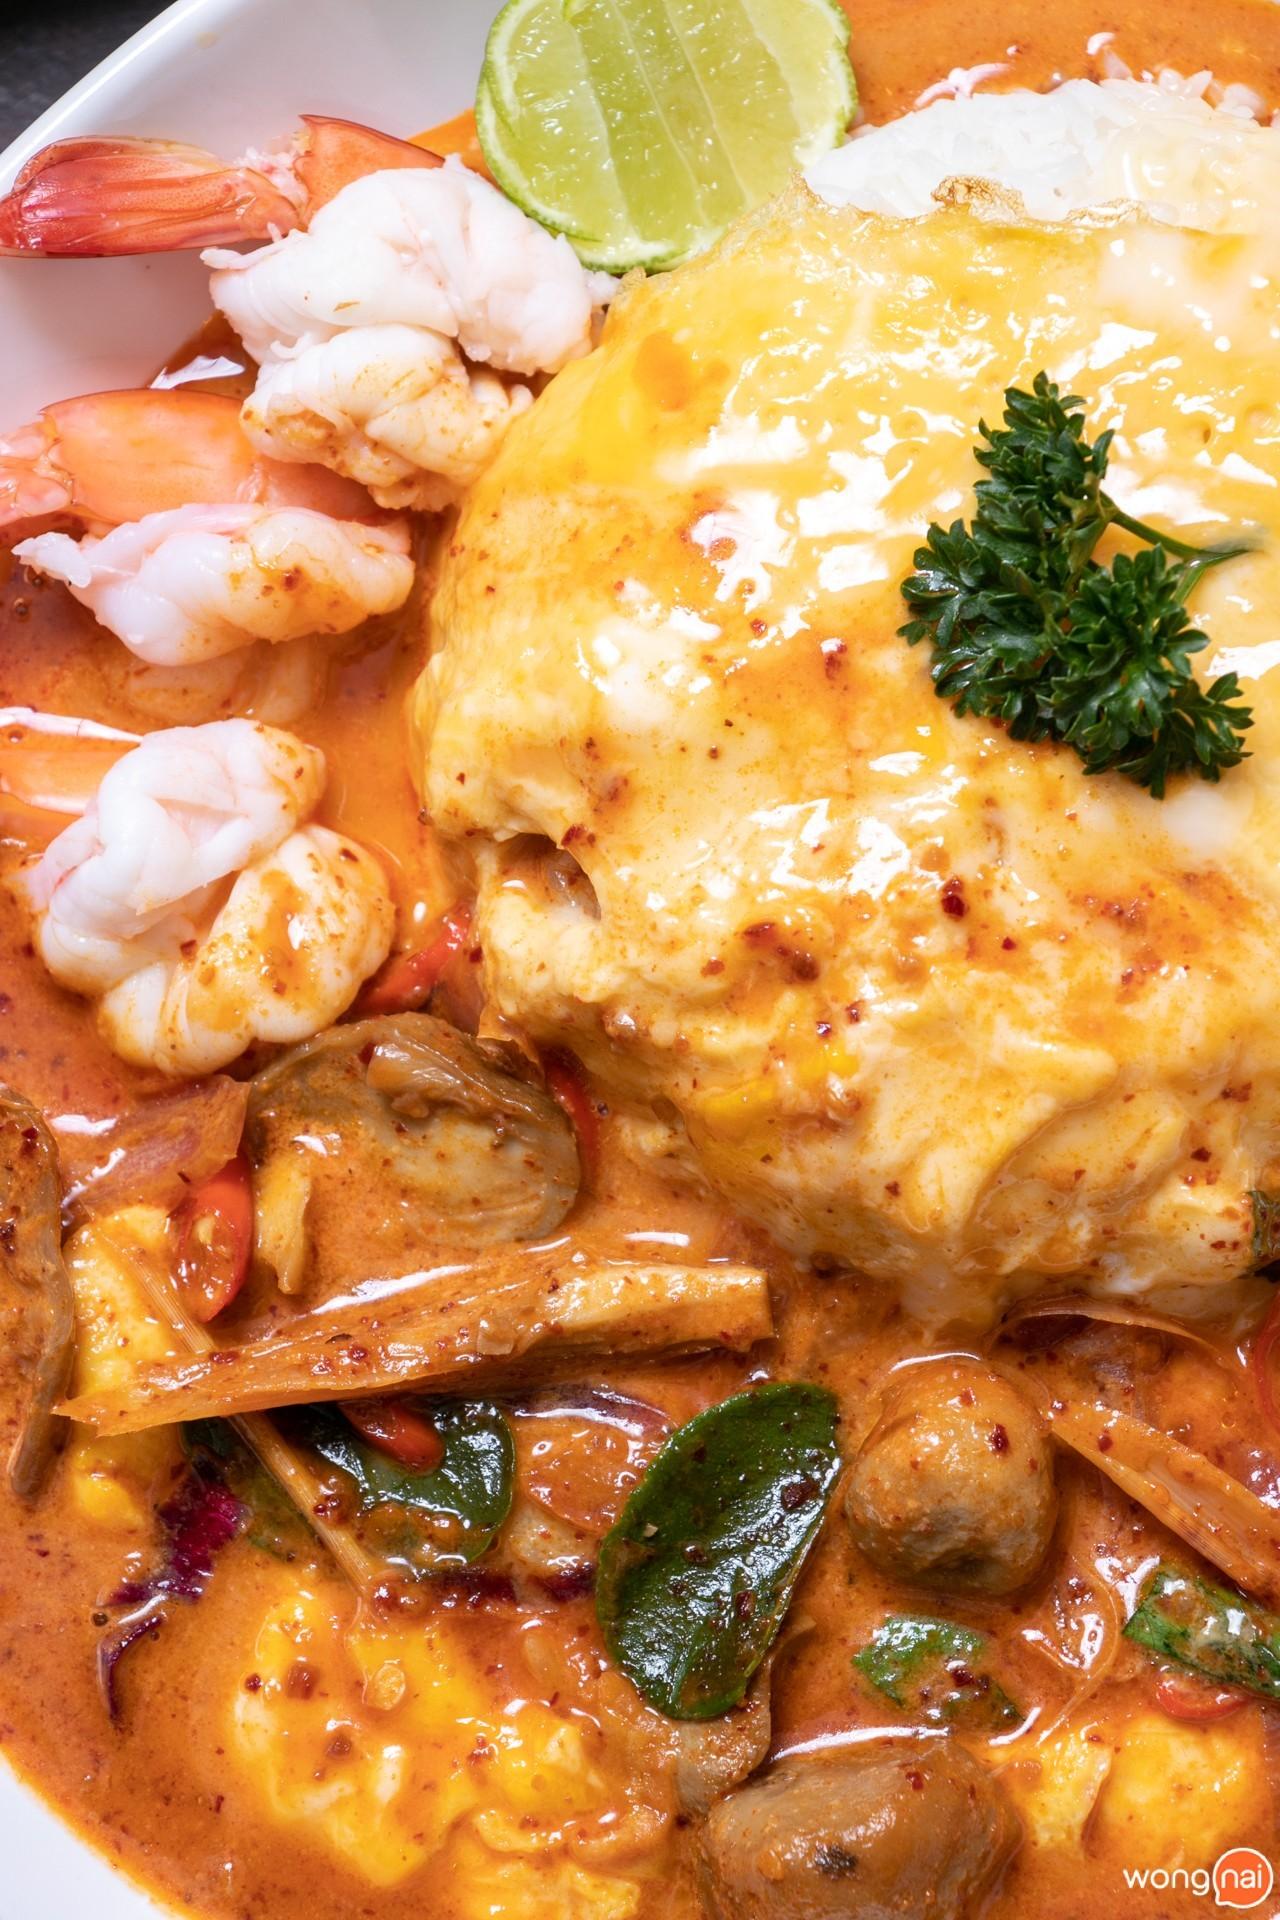 เมนู ข้าวไข่ข้นต้มยำทะเล ร้าน ข้าวเม่า เชียงใหม่ Kowmao Cafe & Restaurant เชียงใหม่